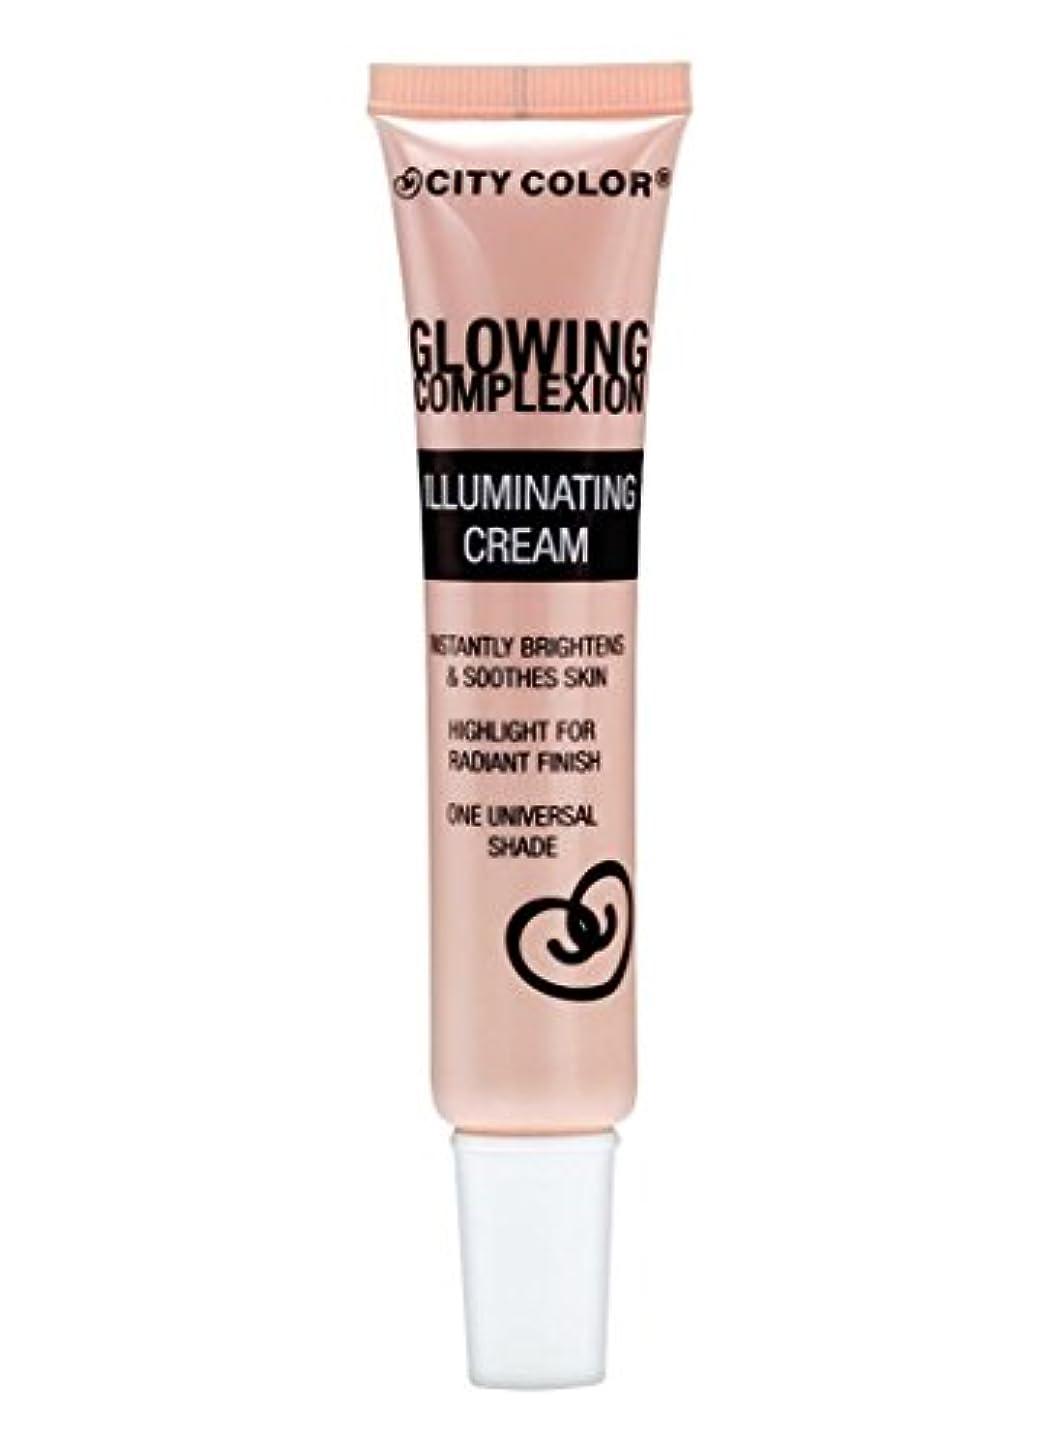 縞模様の悔い改め然としたCITY COLOR Glowing Complexion Illuminating Cream - Net Wt. 1.015 fl. oz. / 30 mL (並行輸入品)